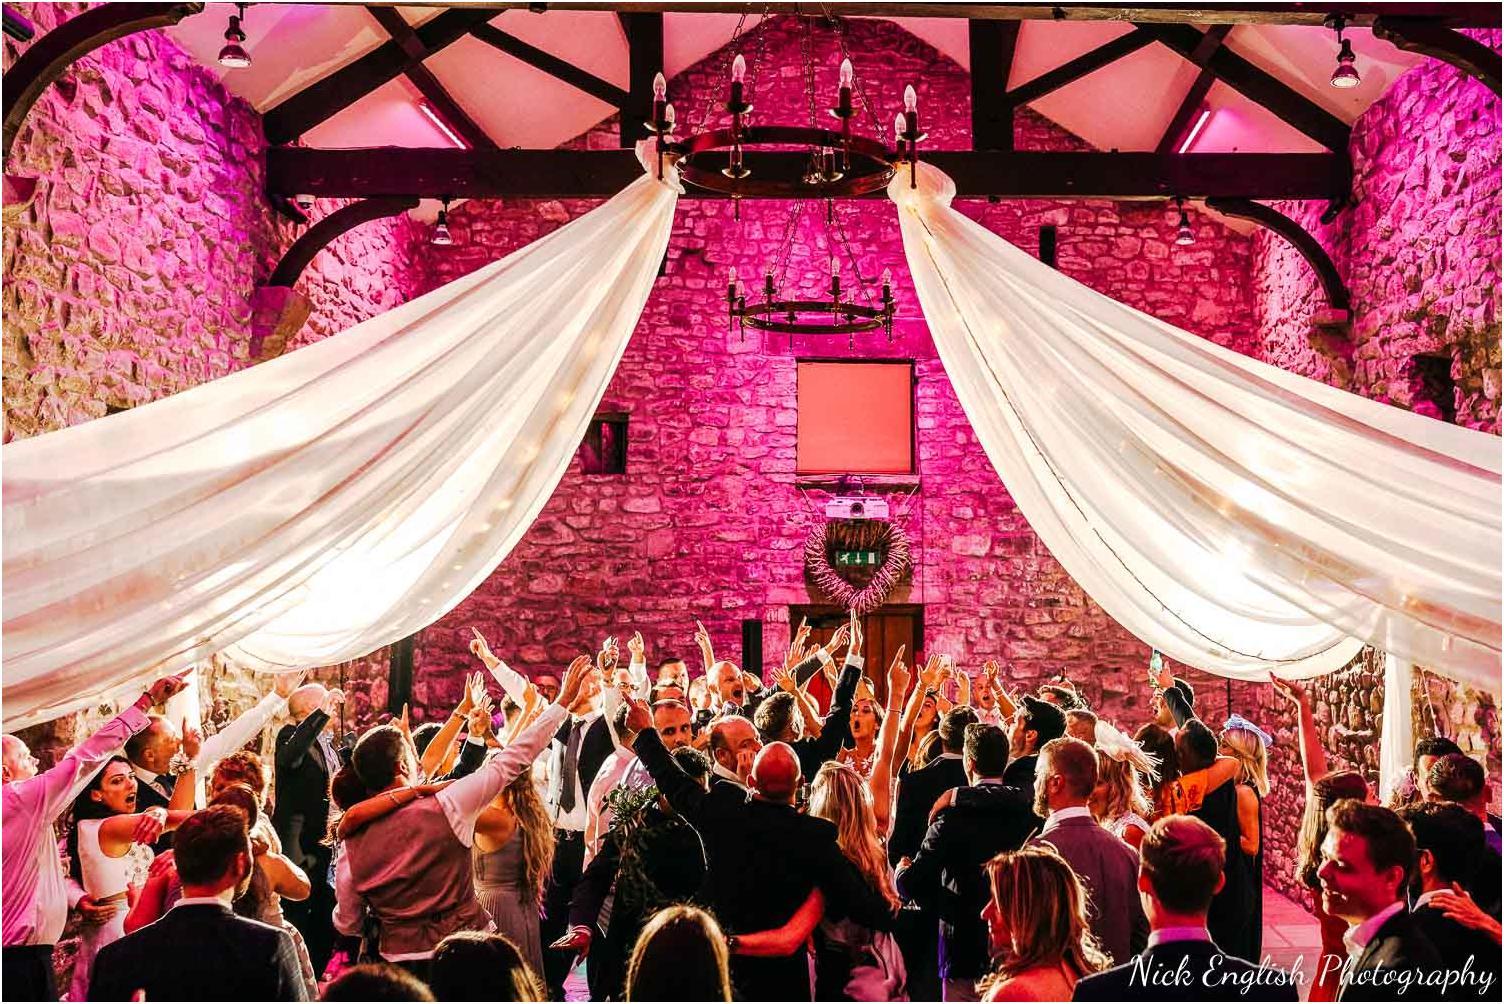 Browsholme_Hall_Barn_Wedding_Nick_English_Photography-207.jpg